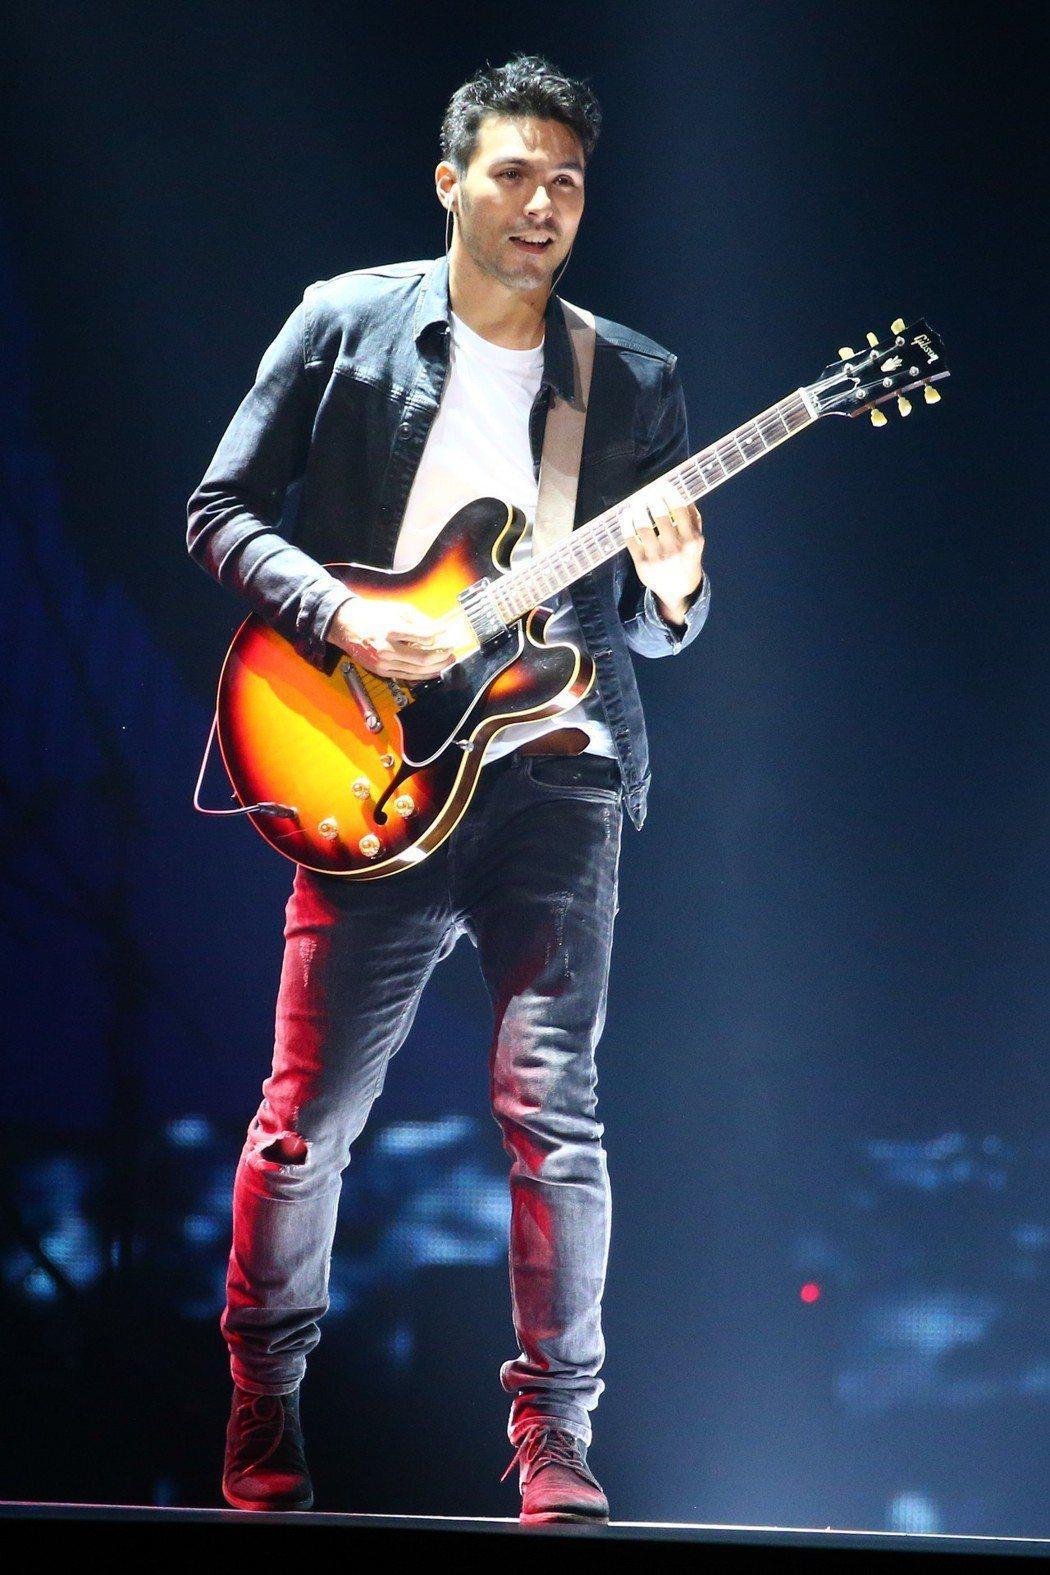 鳳小岳彈奏電吉他的模樣相當帥氣。記者林伯東/攝影